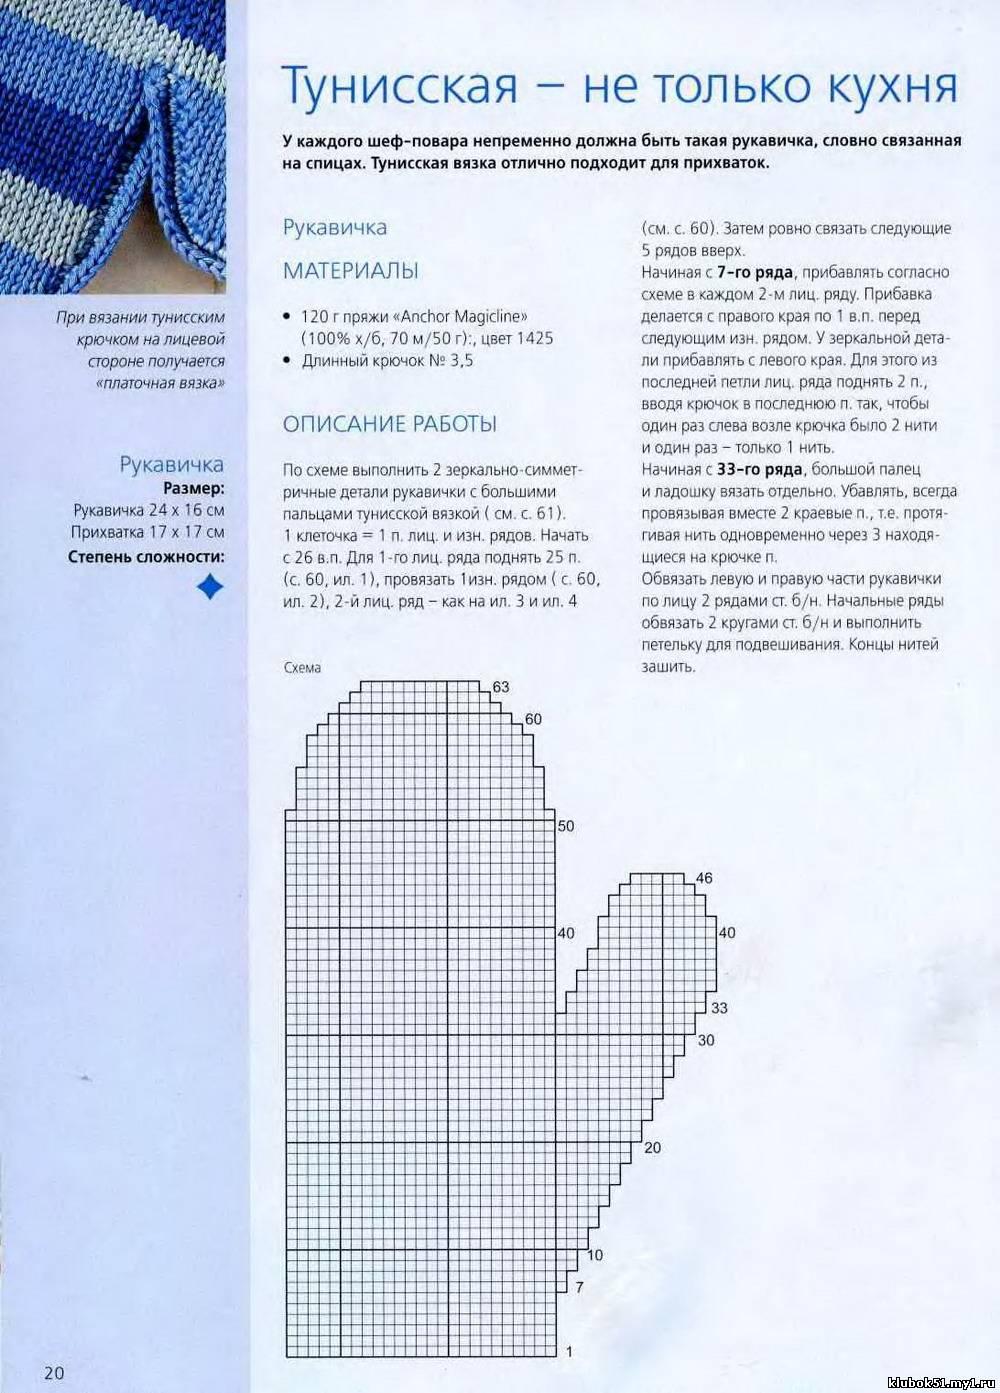 Прихватки для кухни своими руками крючком схемы и описание